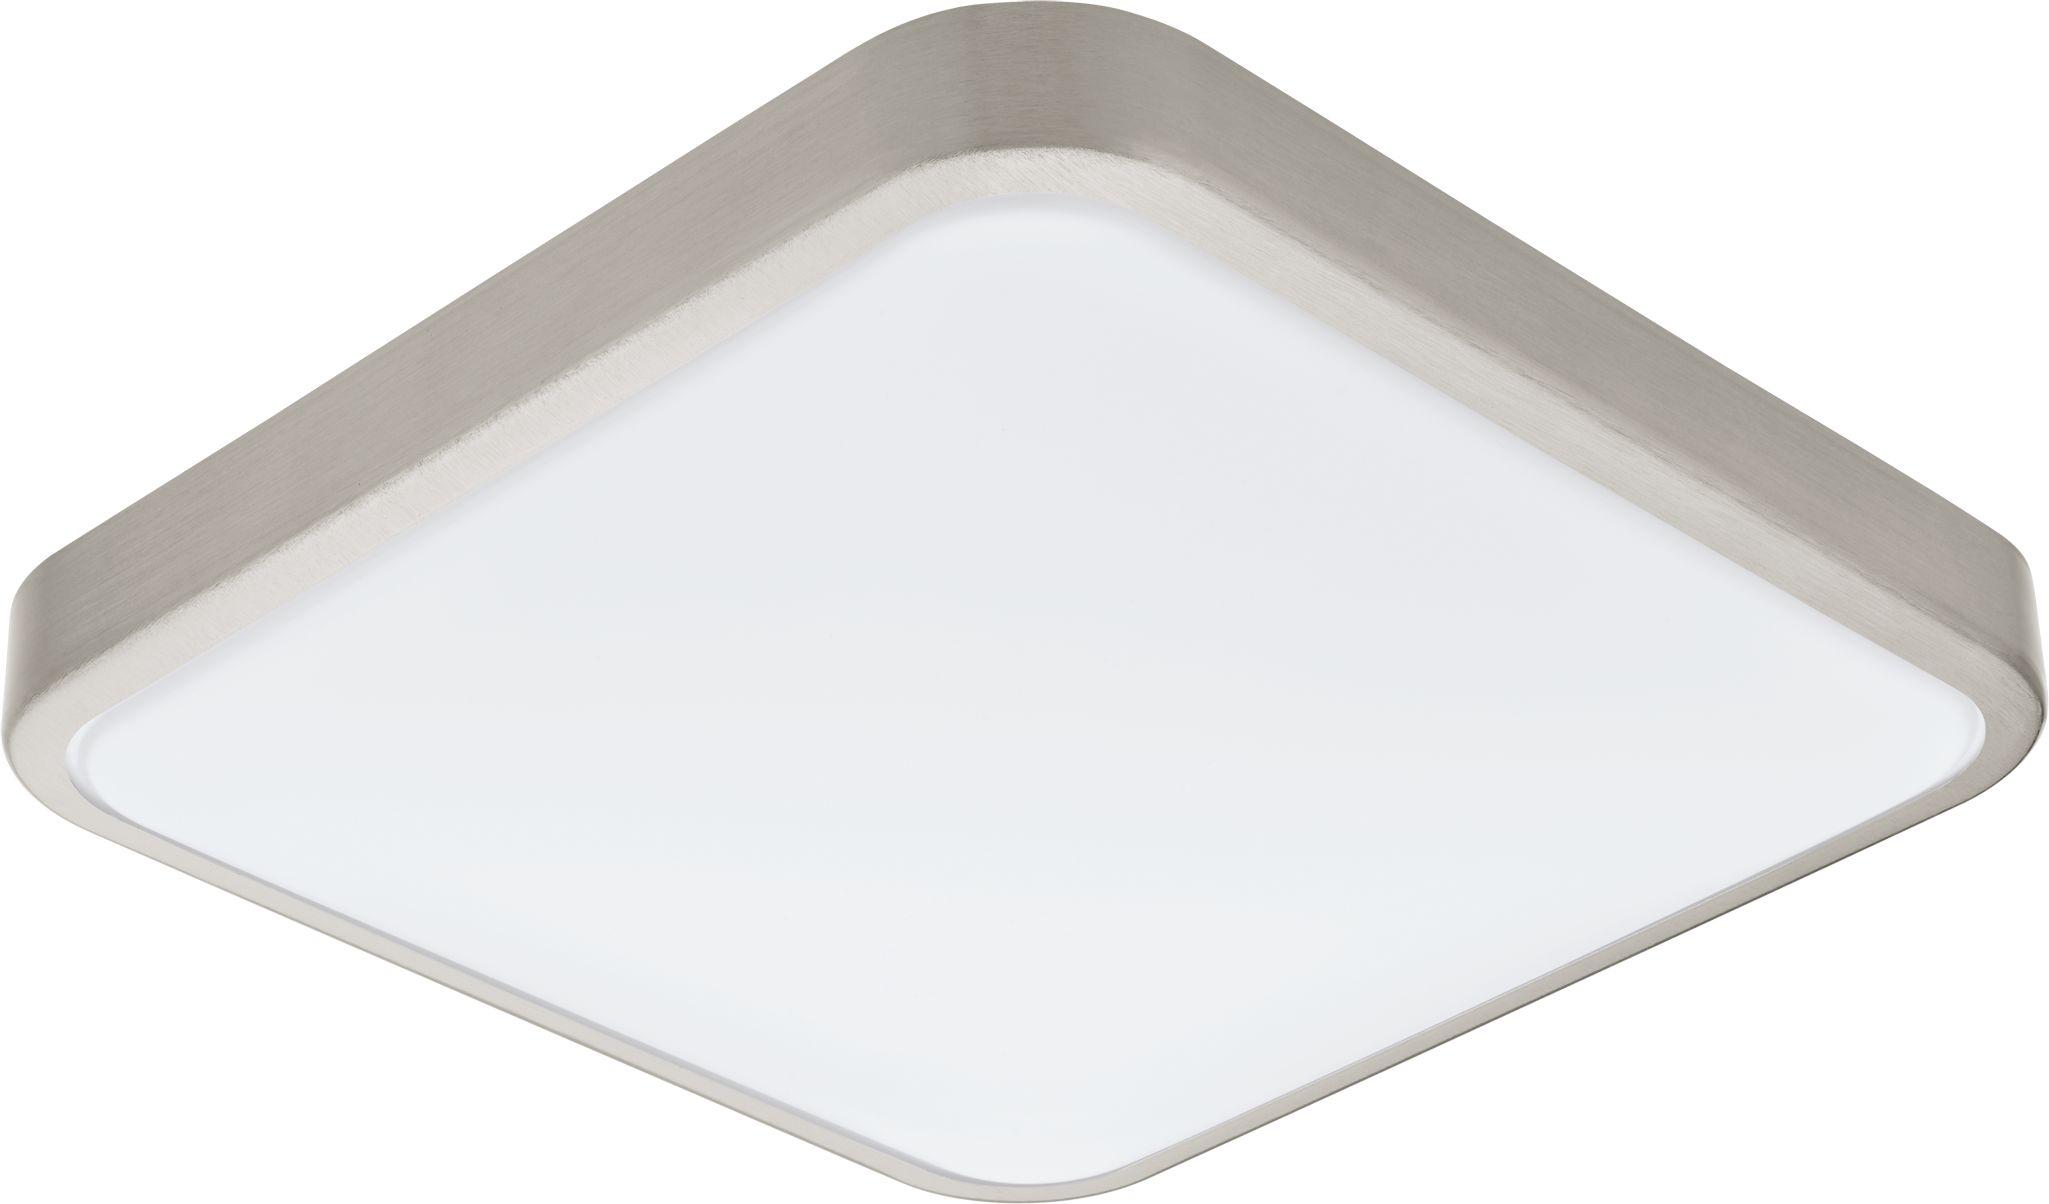 Eglo plafon, lampa sufitowa LED Manilva 1 96231 IP44 - SUPER OFERTA - RABAT w koszyku